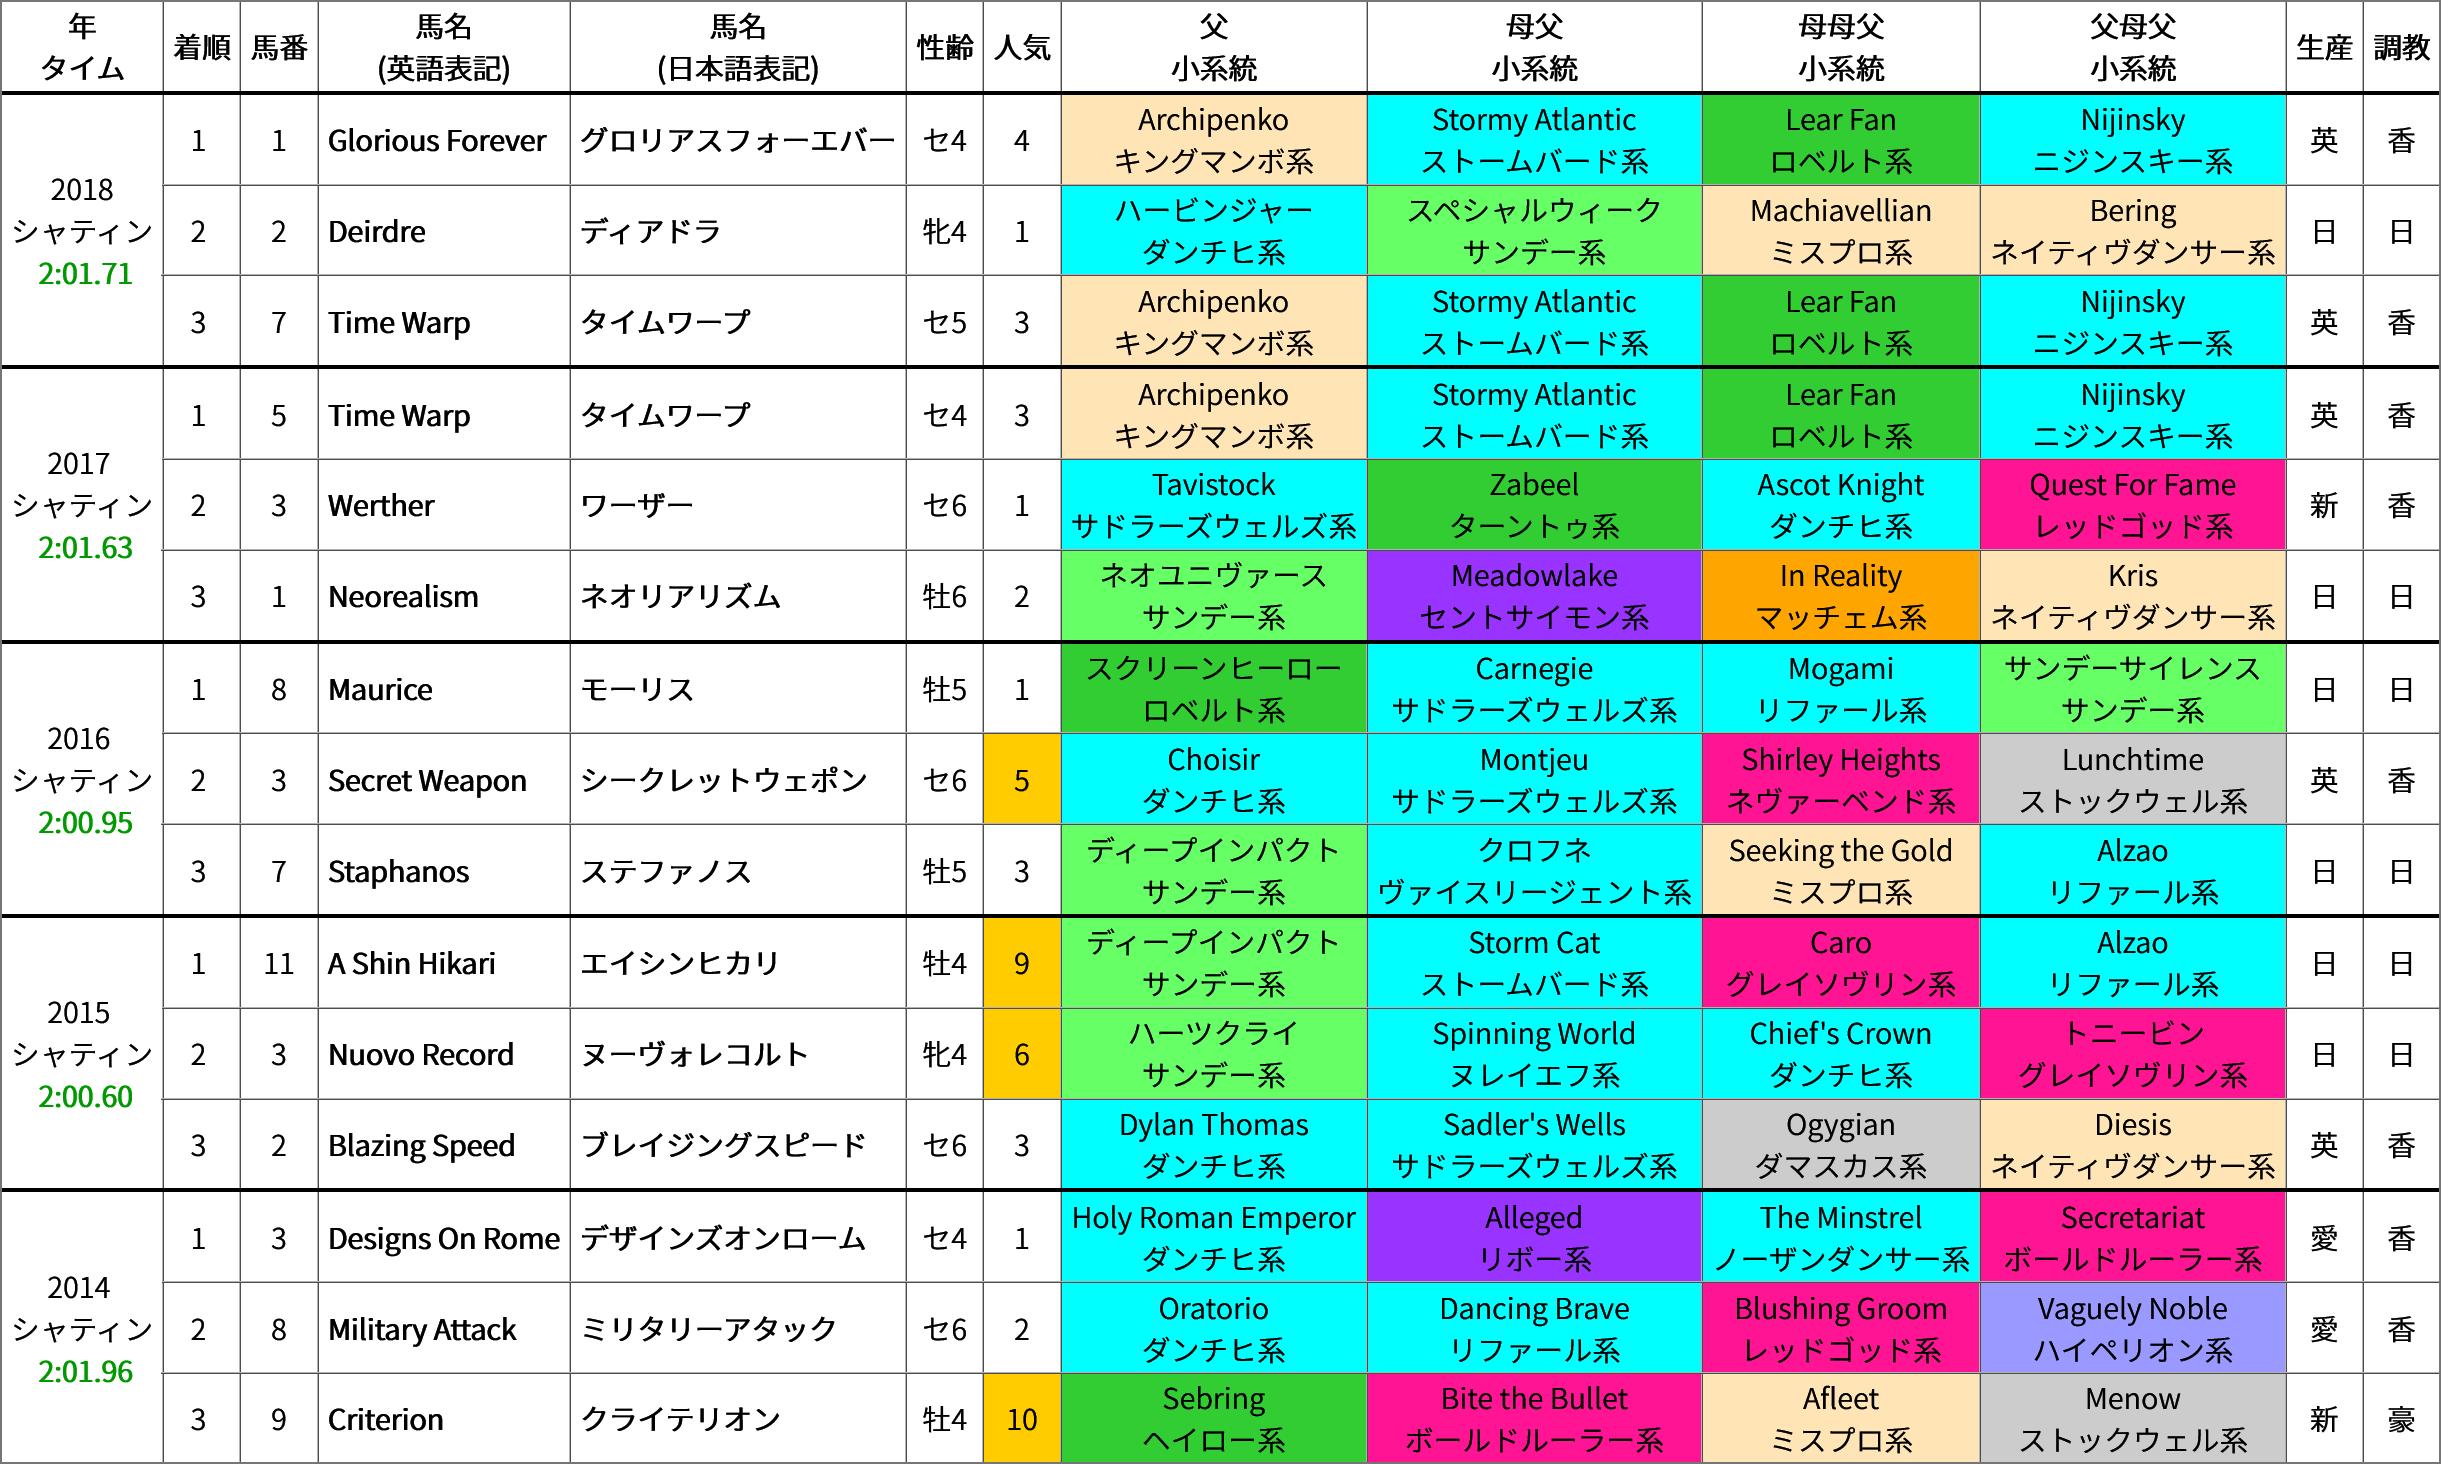 香港カップ(芝2000m) 過去5年の成績&好走馬の血統傾向